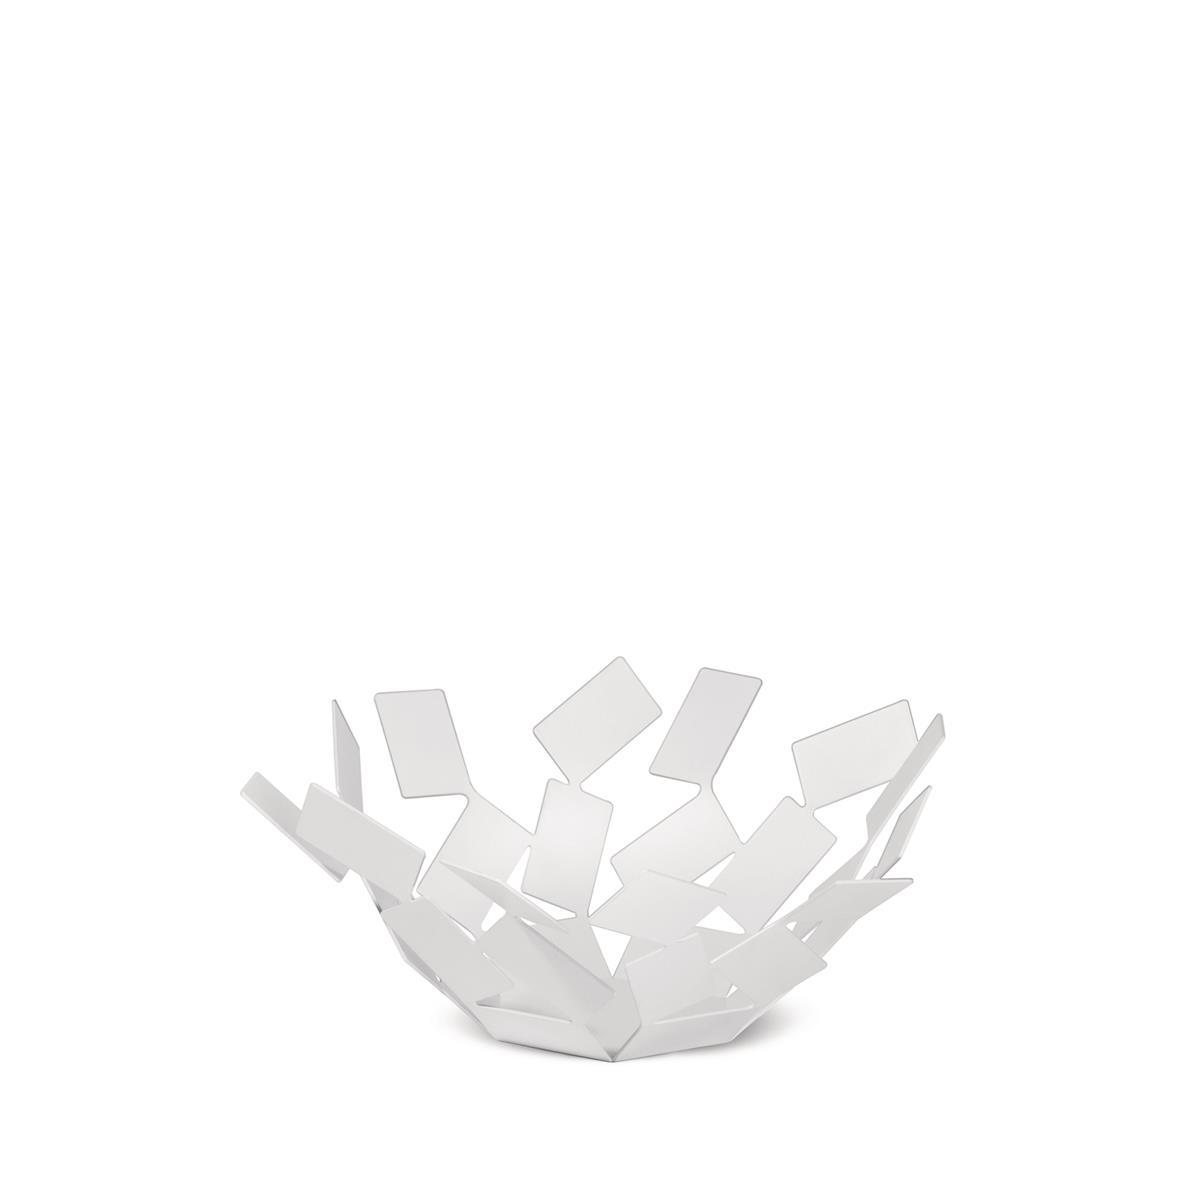 Alessi-La Stanza dello Scirocco Fruit bowl in colored steel and resin, white